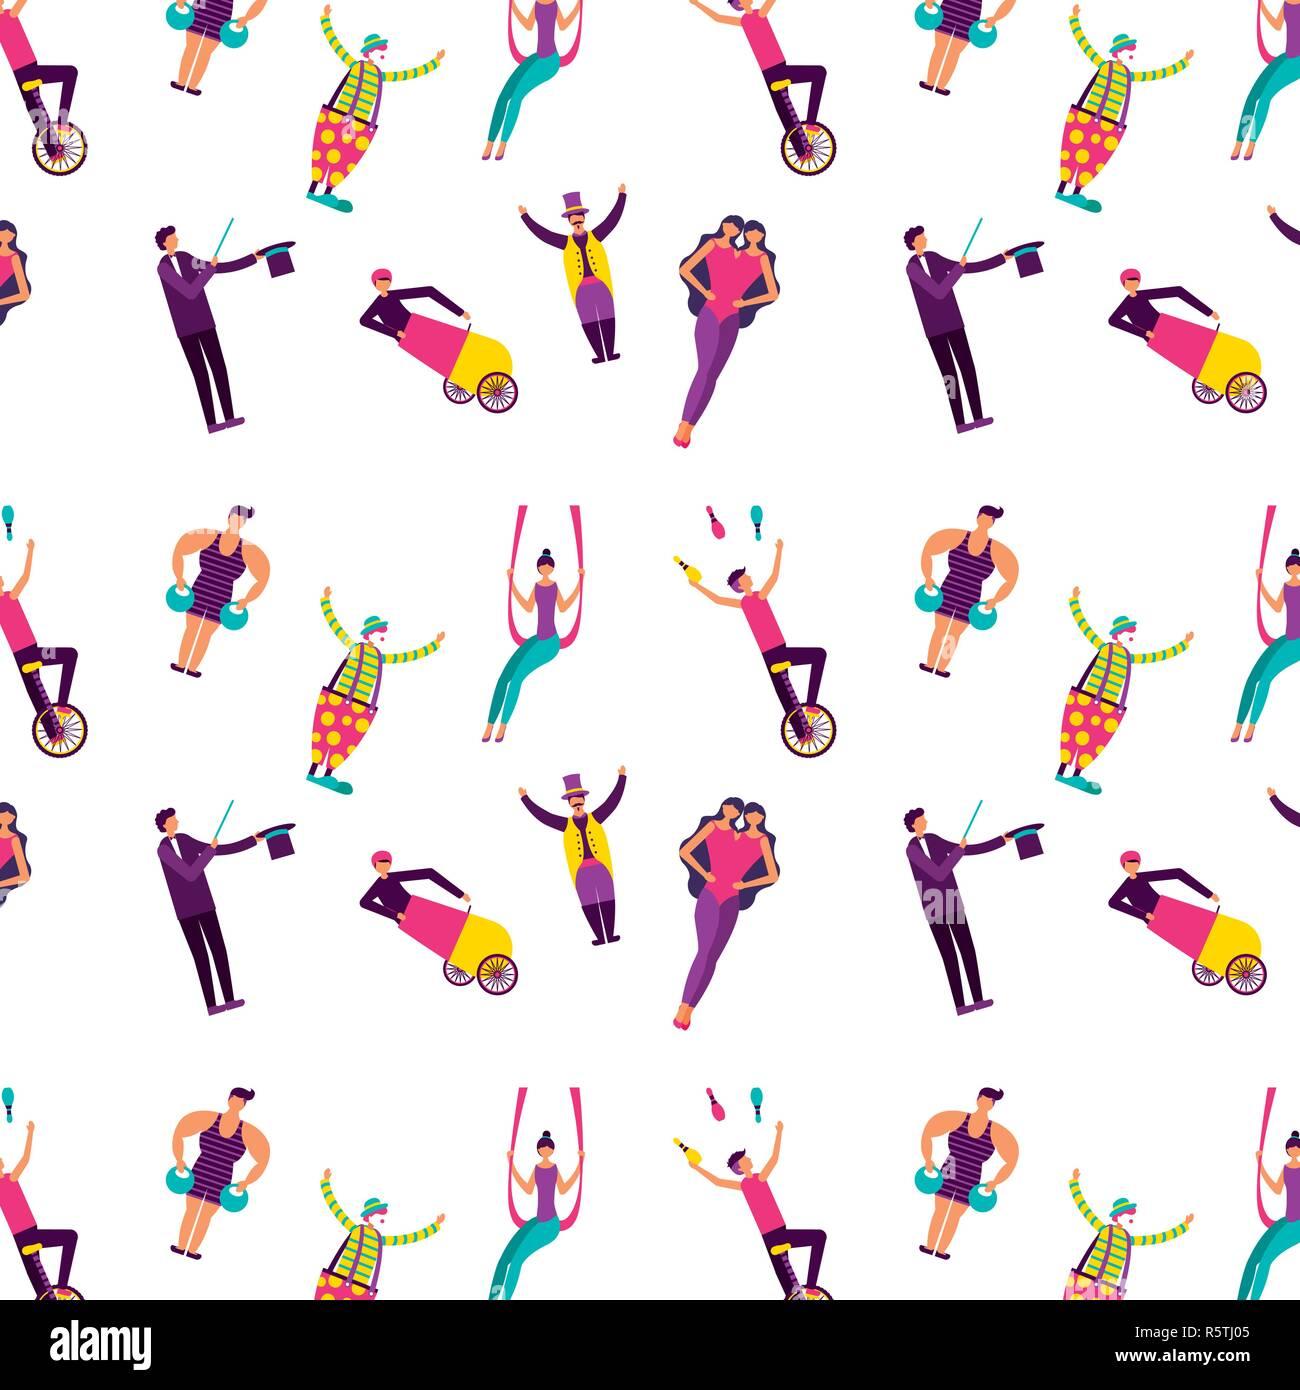 Circus acrobats unitted twins faire illustraiton vecteur d'acrobatie Photo Stock